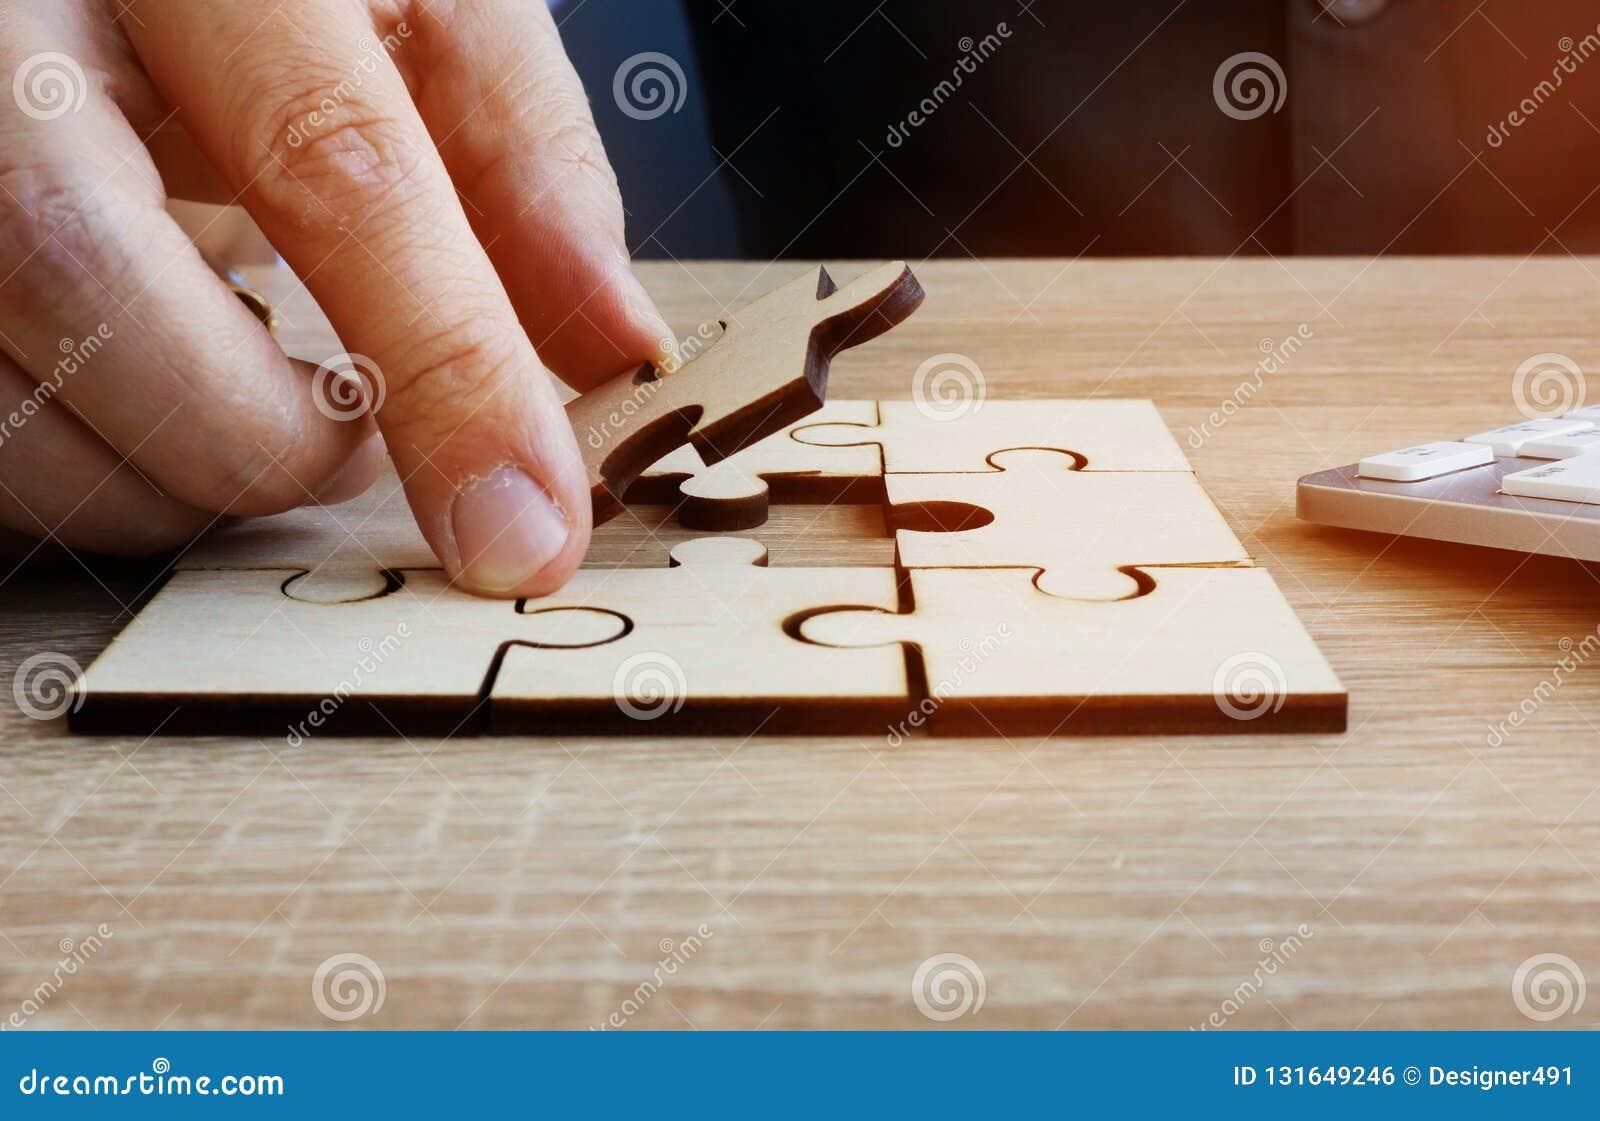 Успех в бизнесе и решение проблем Человек держит часть головоломки